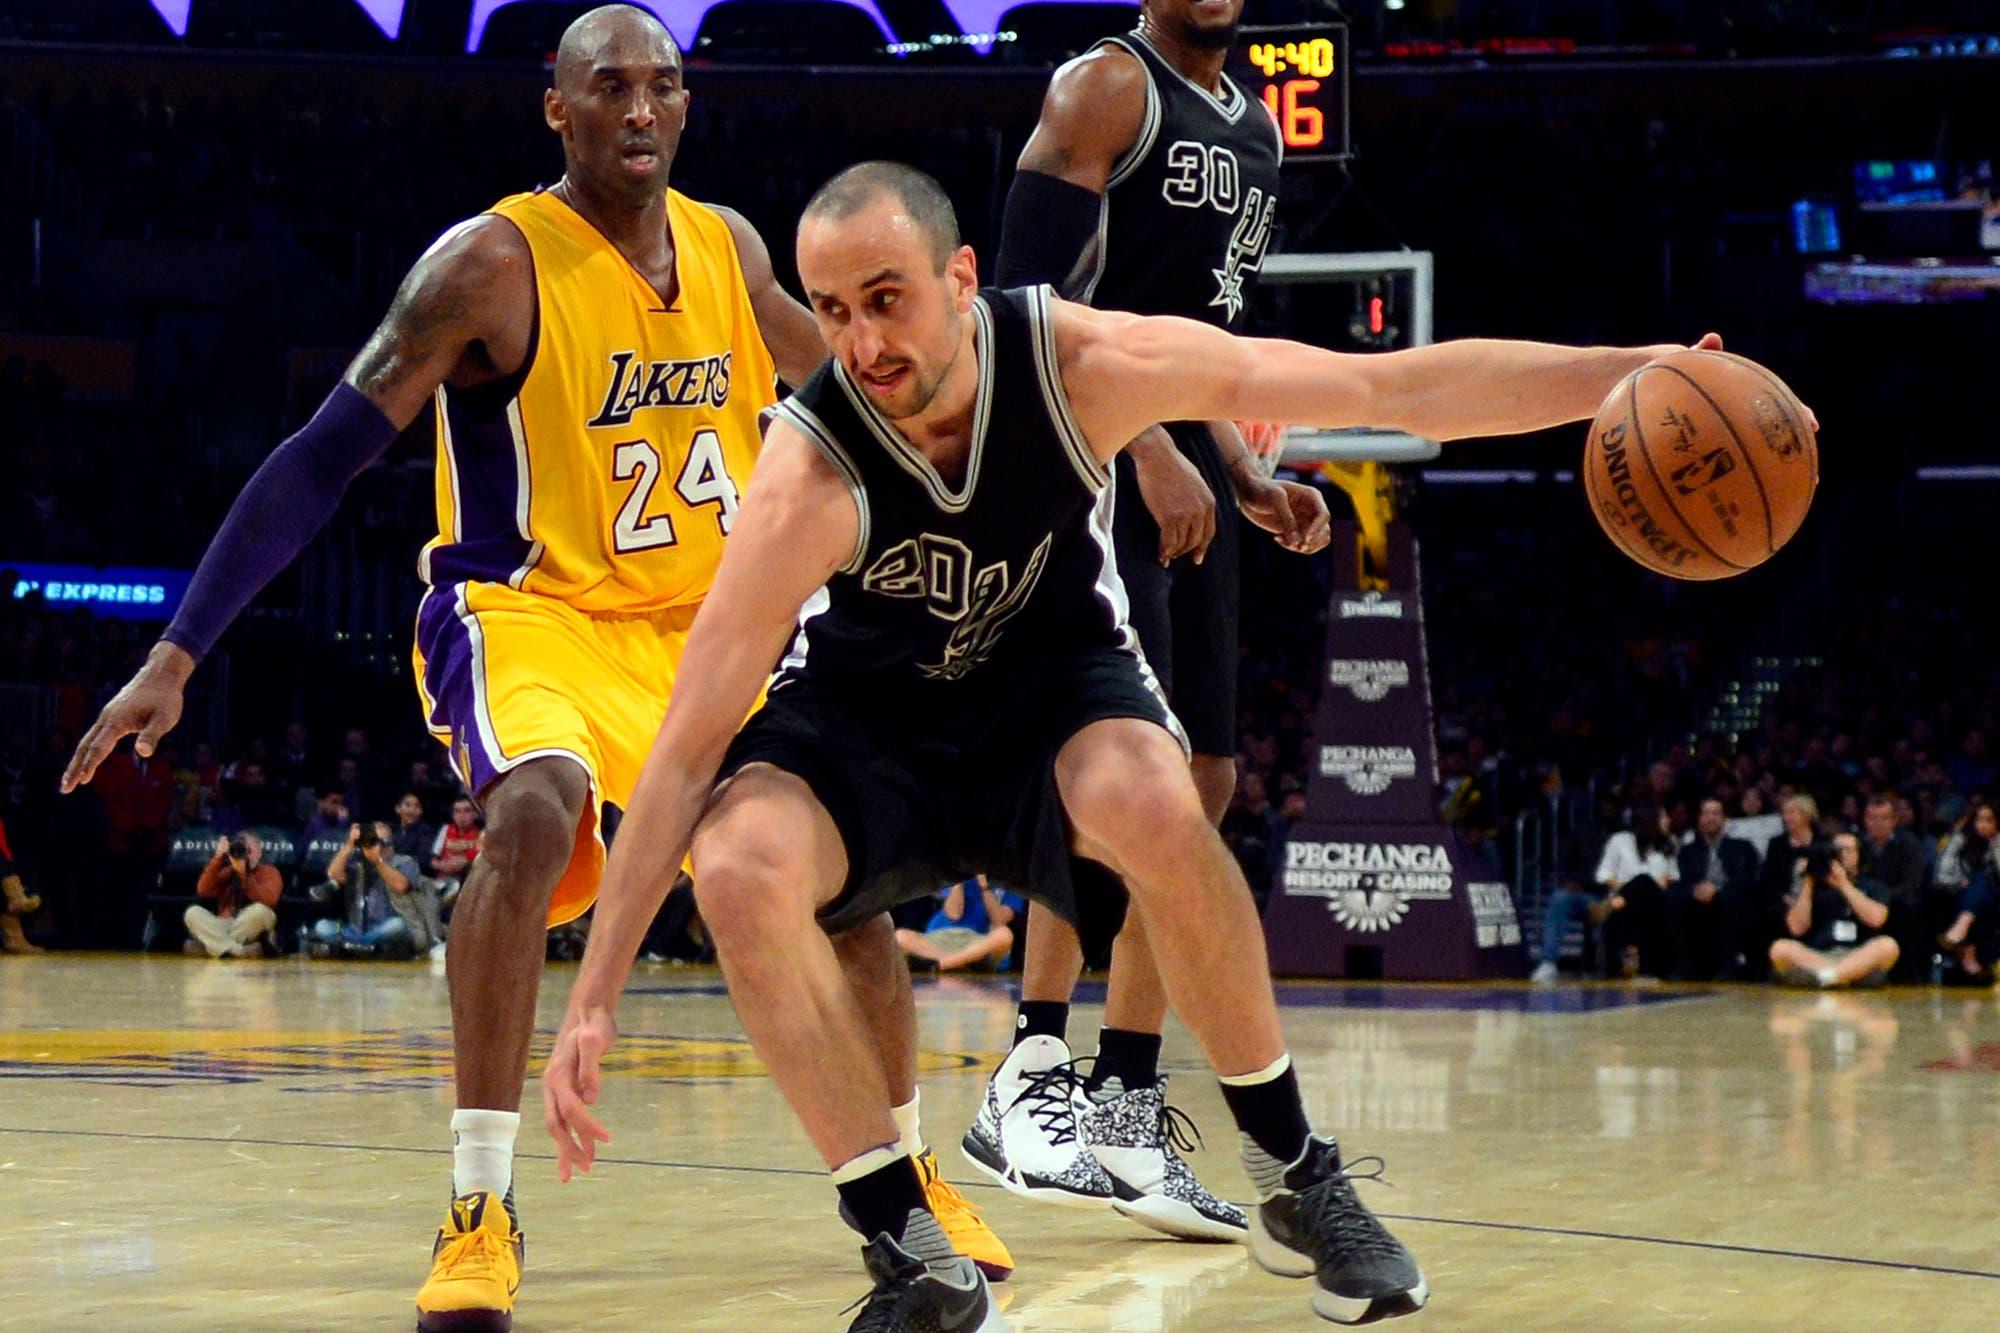 La reacción de Manu Ginóbili por la muerte de Kobe Bryant